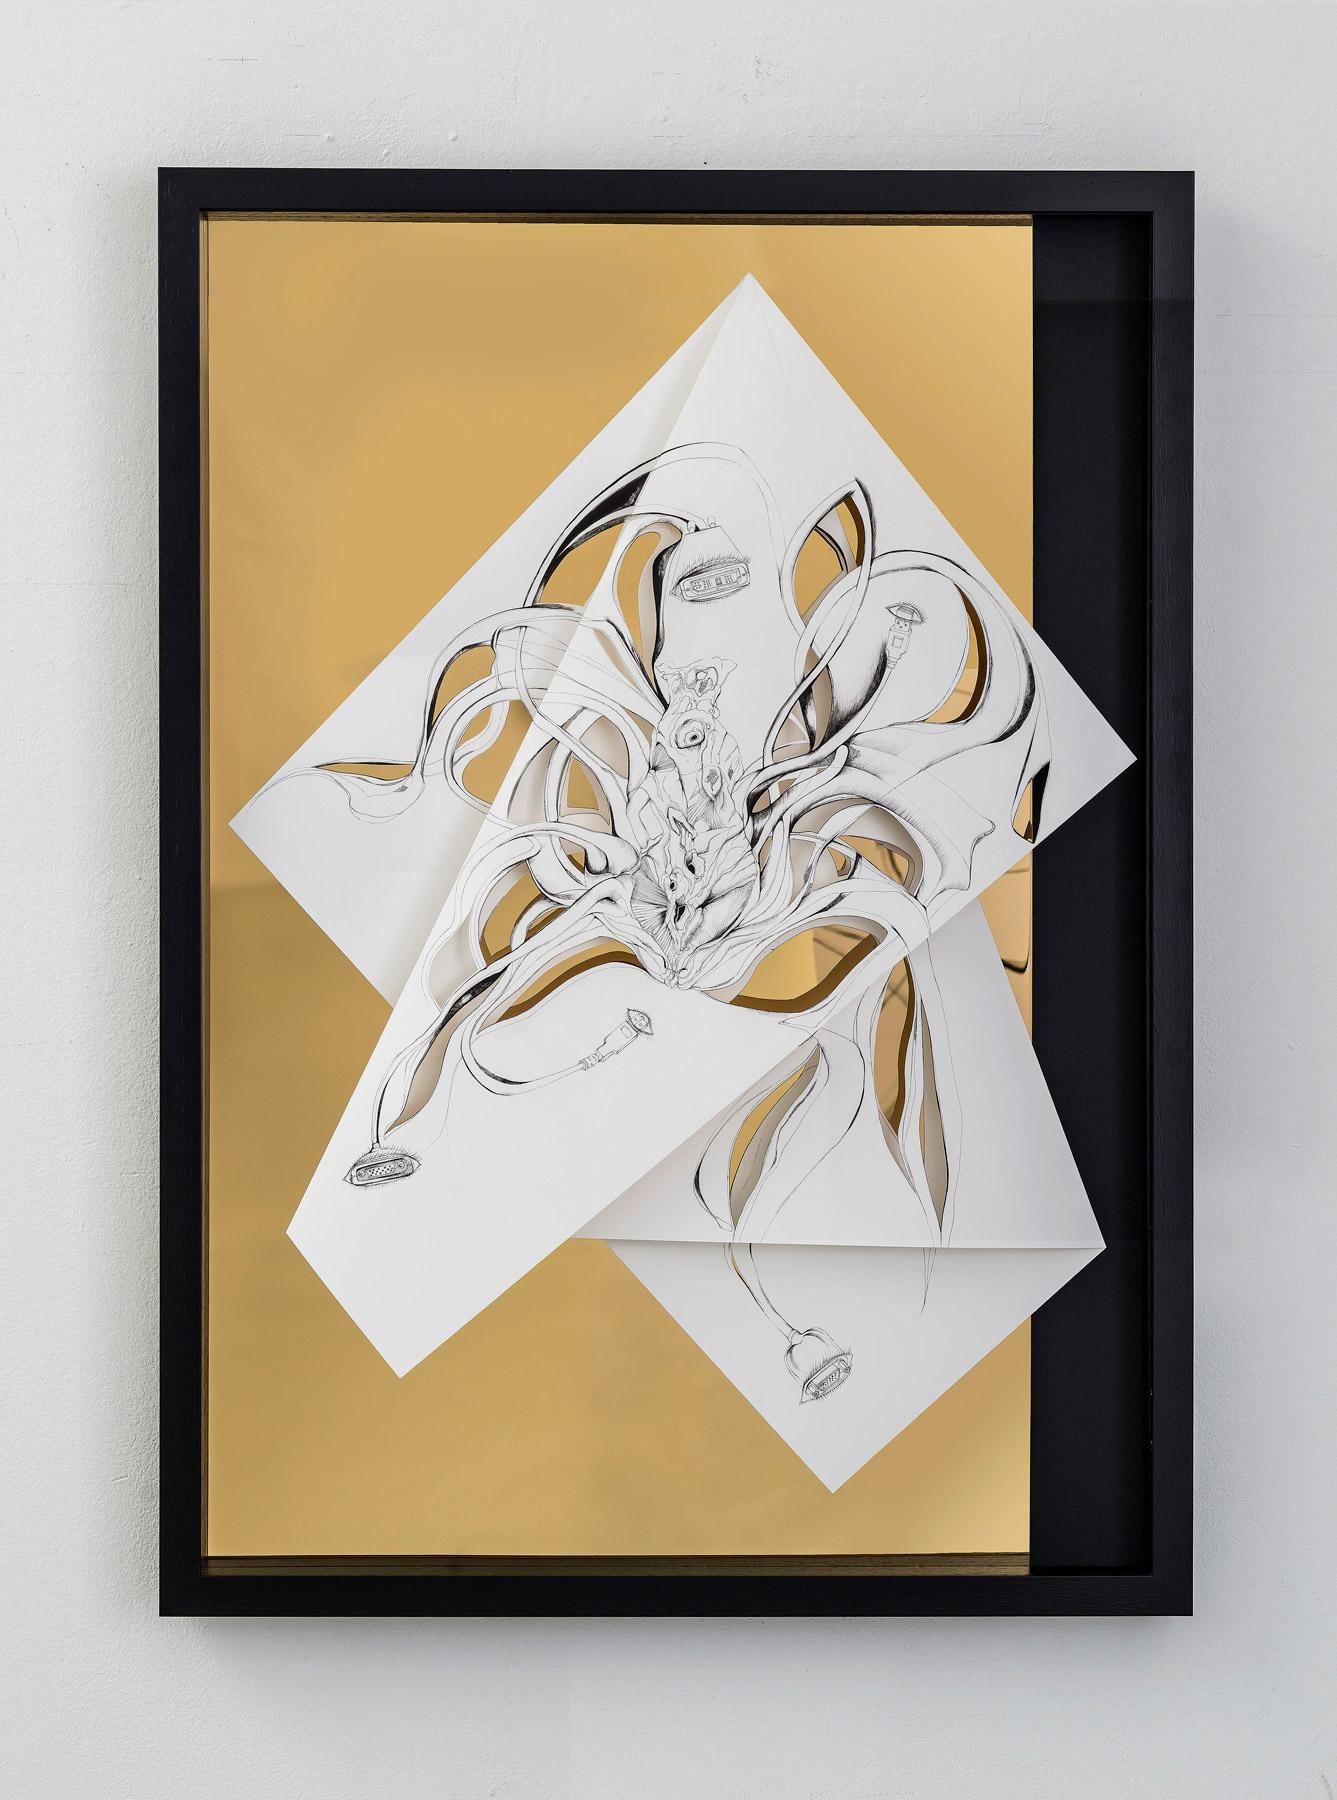 Nina Annabelle Märkl | Torsionen 5 | Tusche auf gefaltetem Papier, Cutouts, schwarzer Karton, Holz, Spiegelmetall| 105 x 75 x 5 cm | 2017